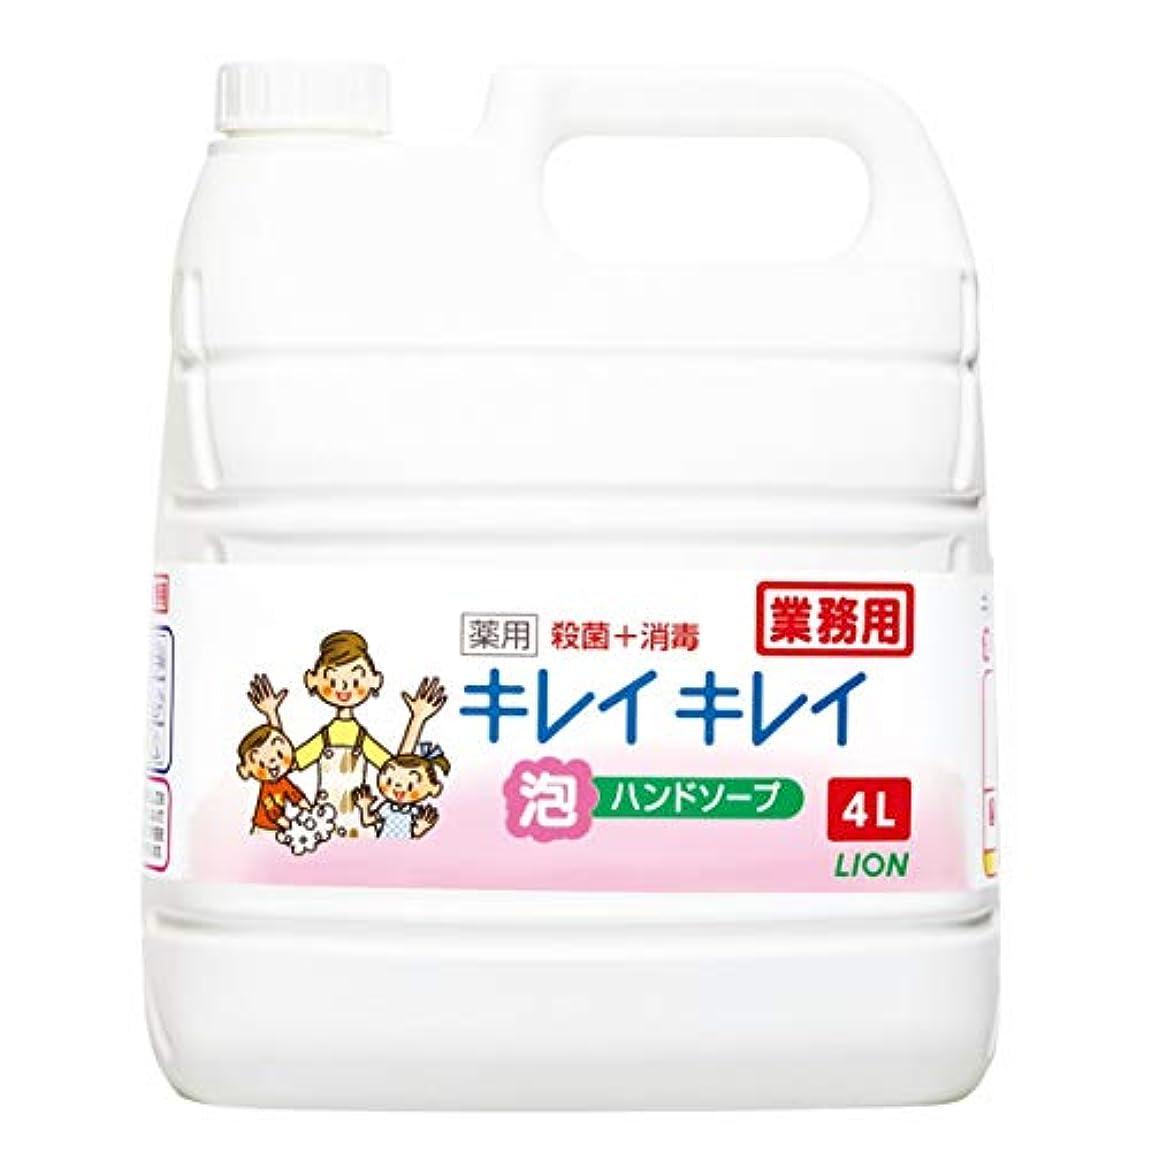 氏書道インチ【業務用 大容量】キレイキレイ 薬用 泡ハンドソープ シトラスフルーティの香り 液体 単品 4L(医薬部外品)